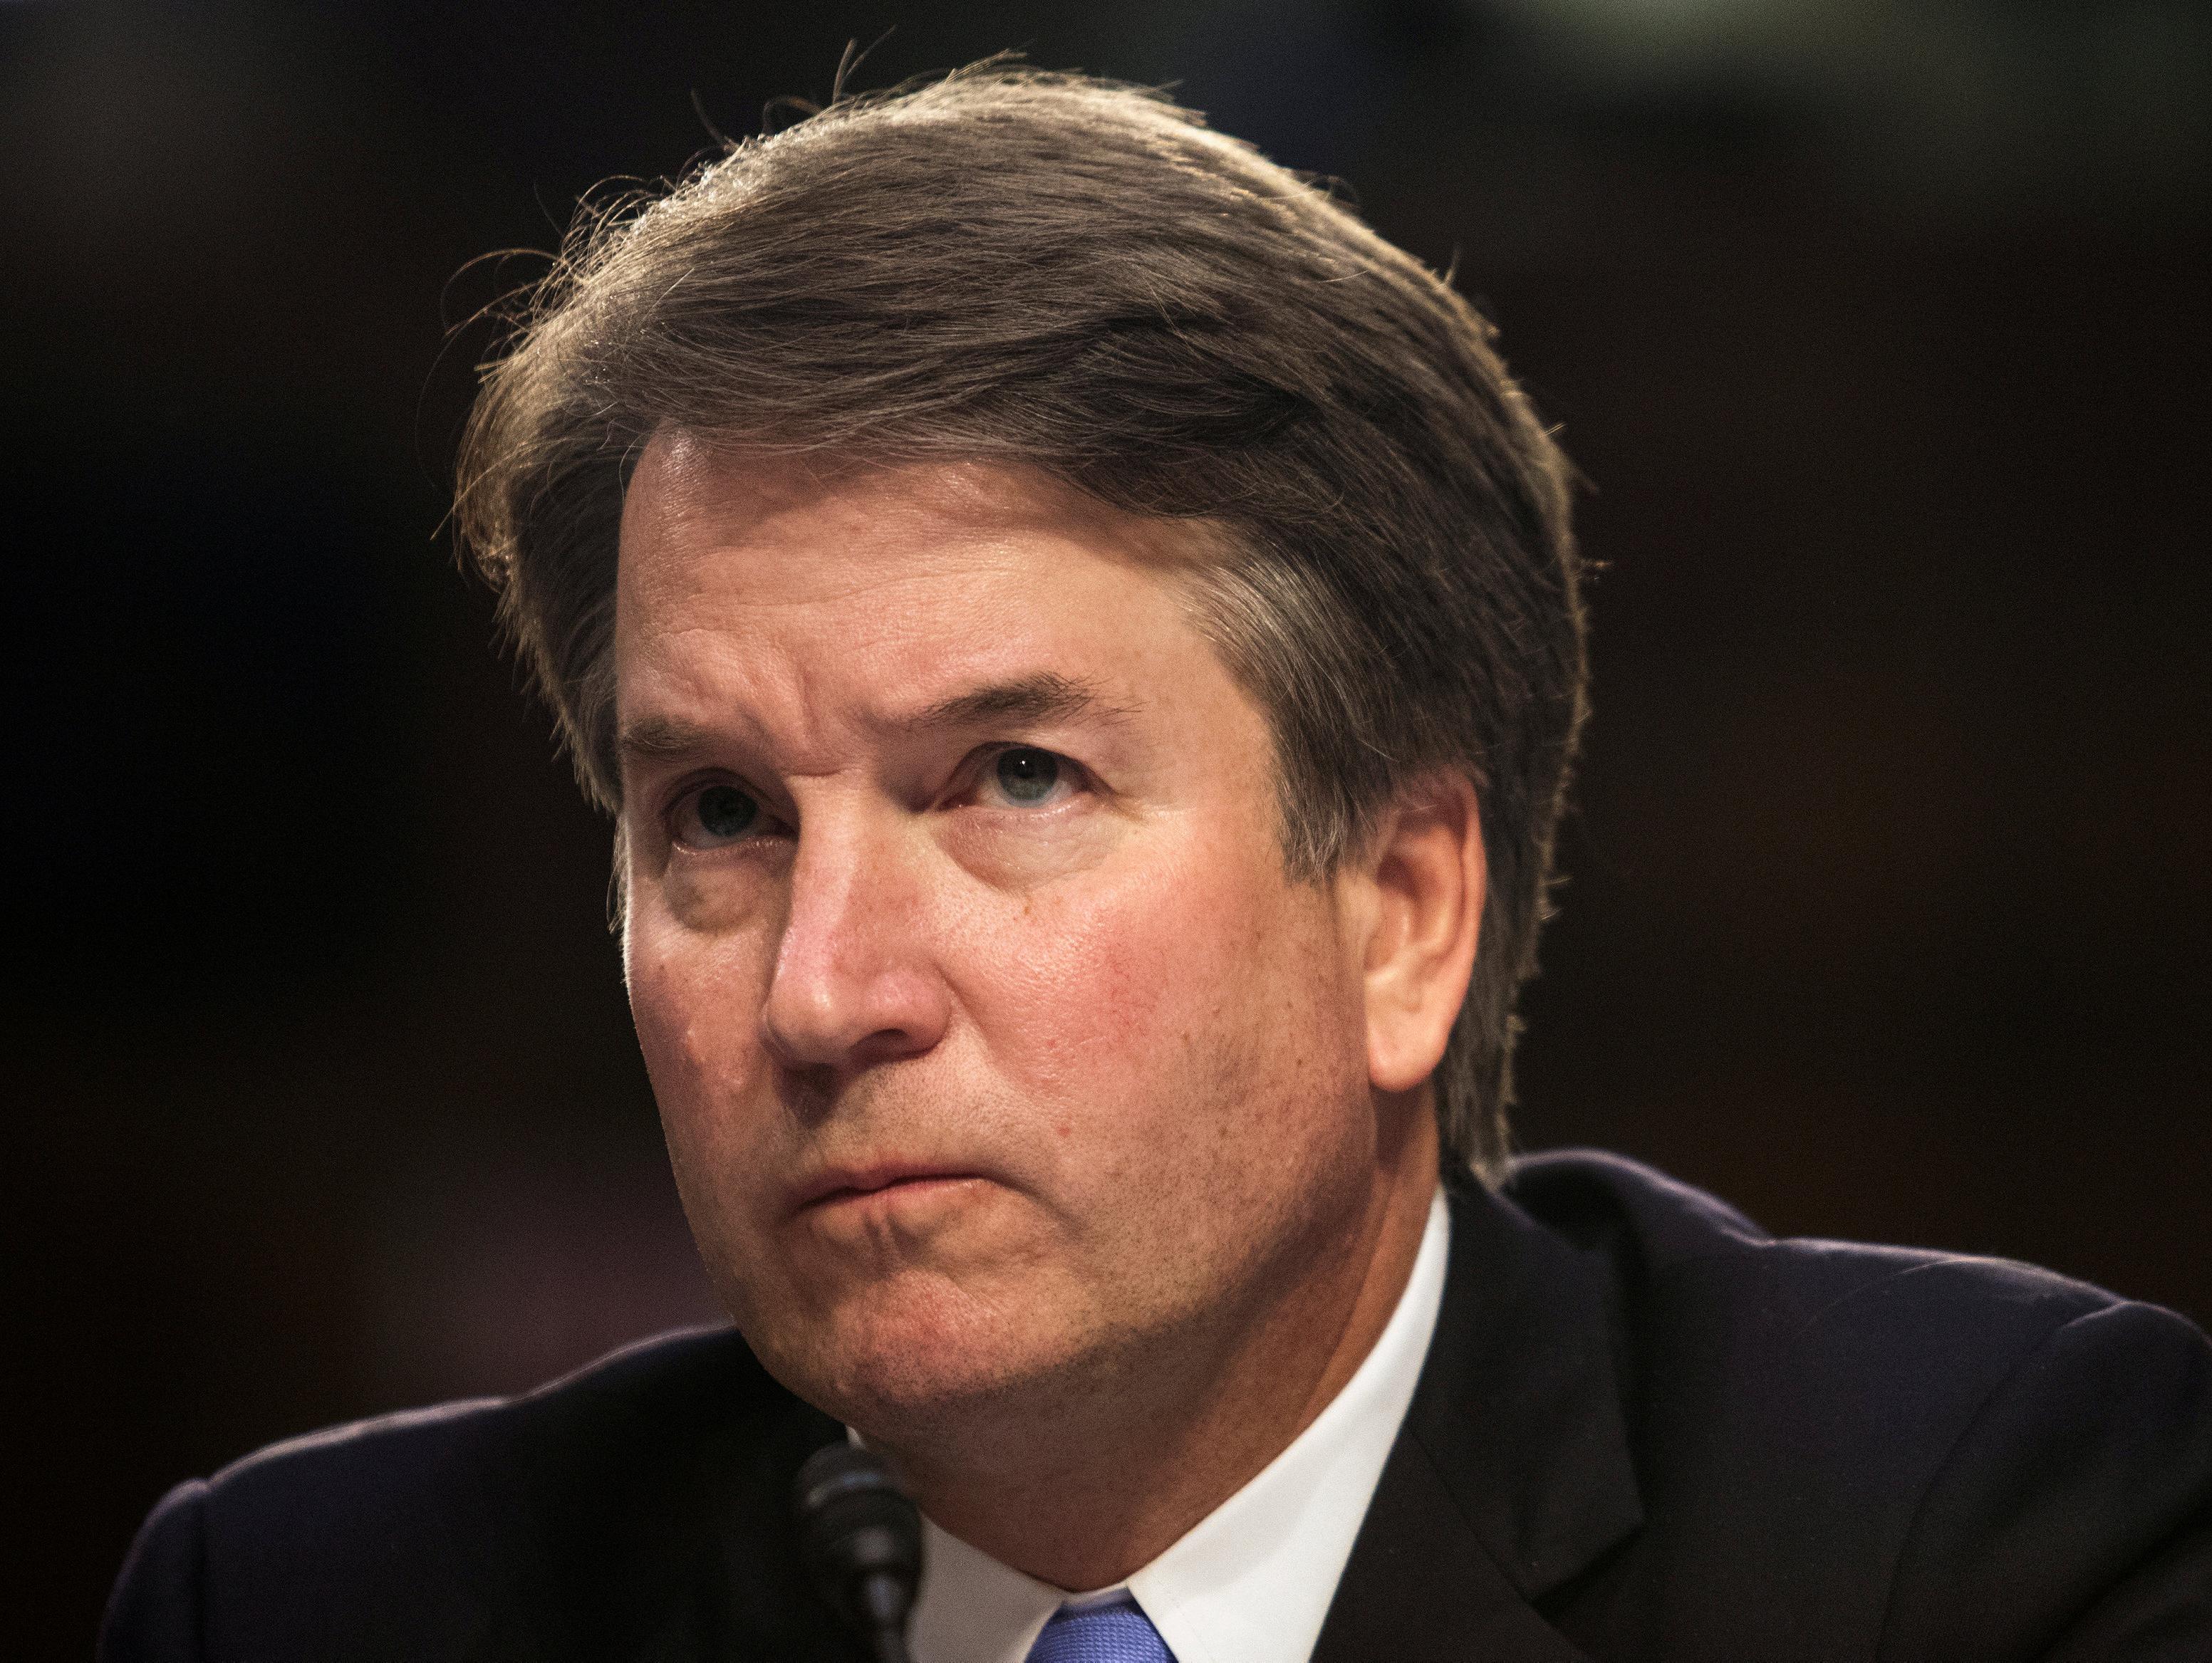 טראמפ נגד המתלוננת על השופט: